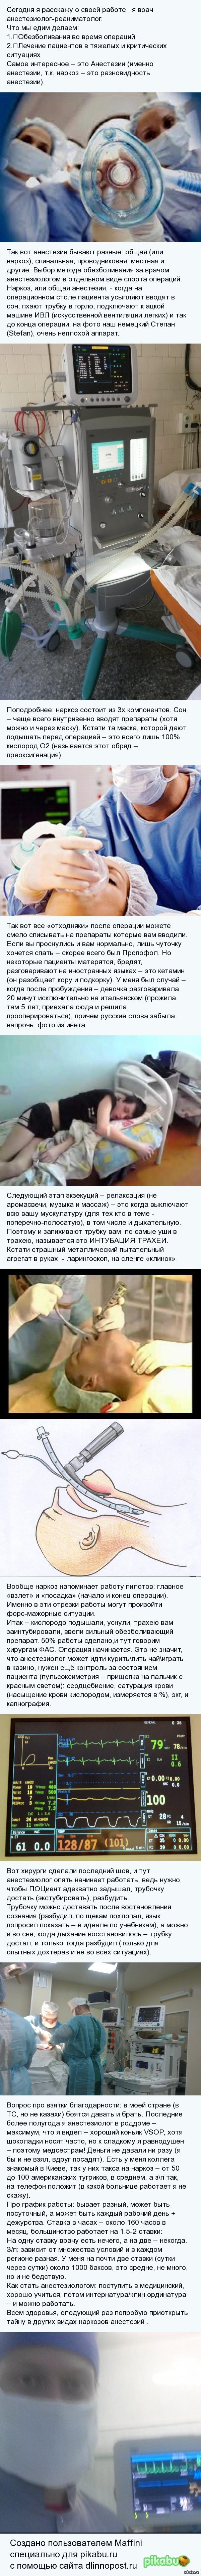 Работа врача анестезиолога-реаниматолога, кратко о наркозе обещанный длиннопост о моей работе